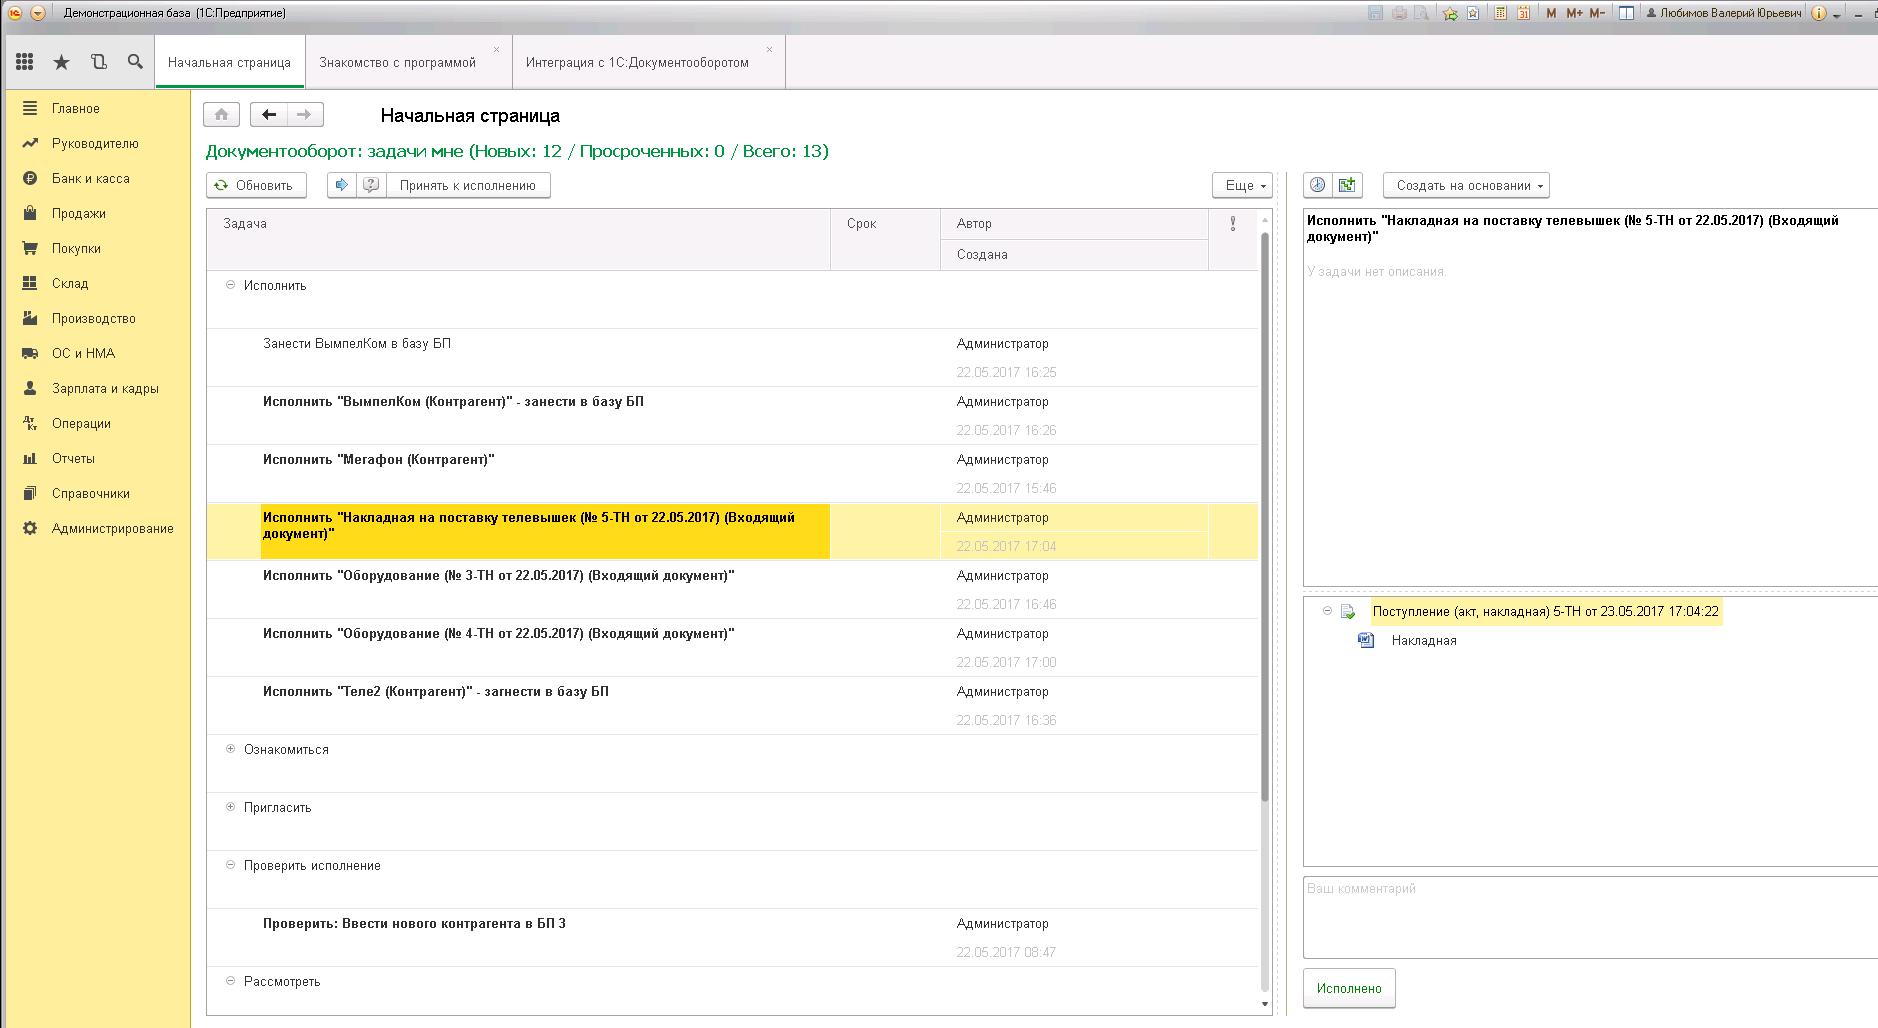 1с документооборот интеграция с бухгалтерией тесты для бухгалтера при приеме на работу пройти онлайн